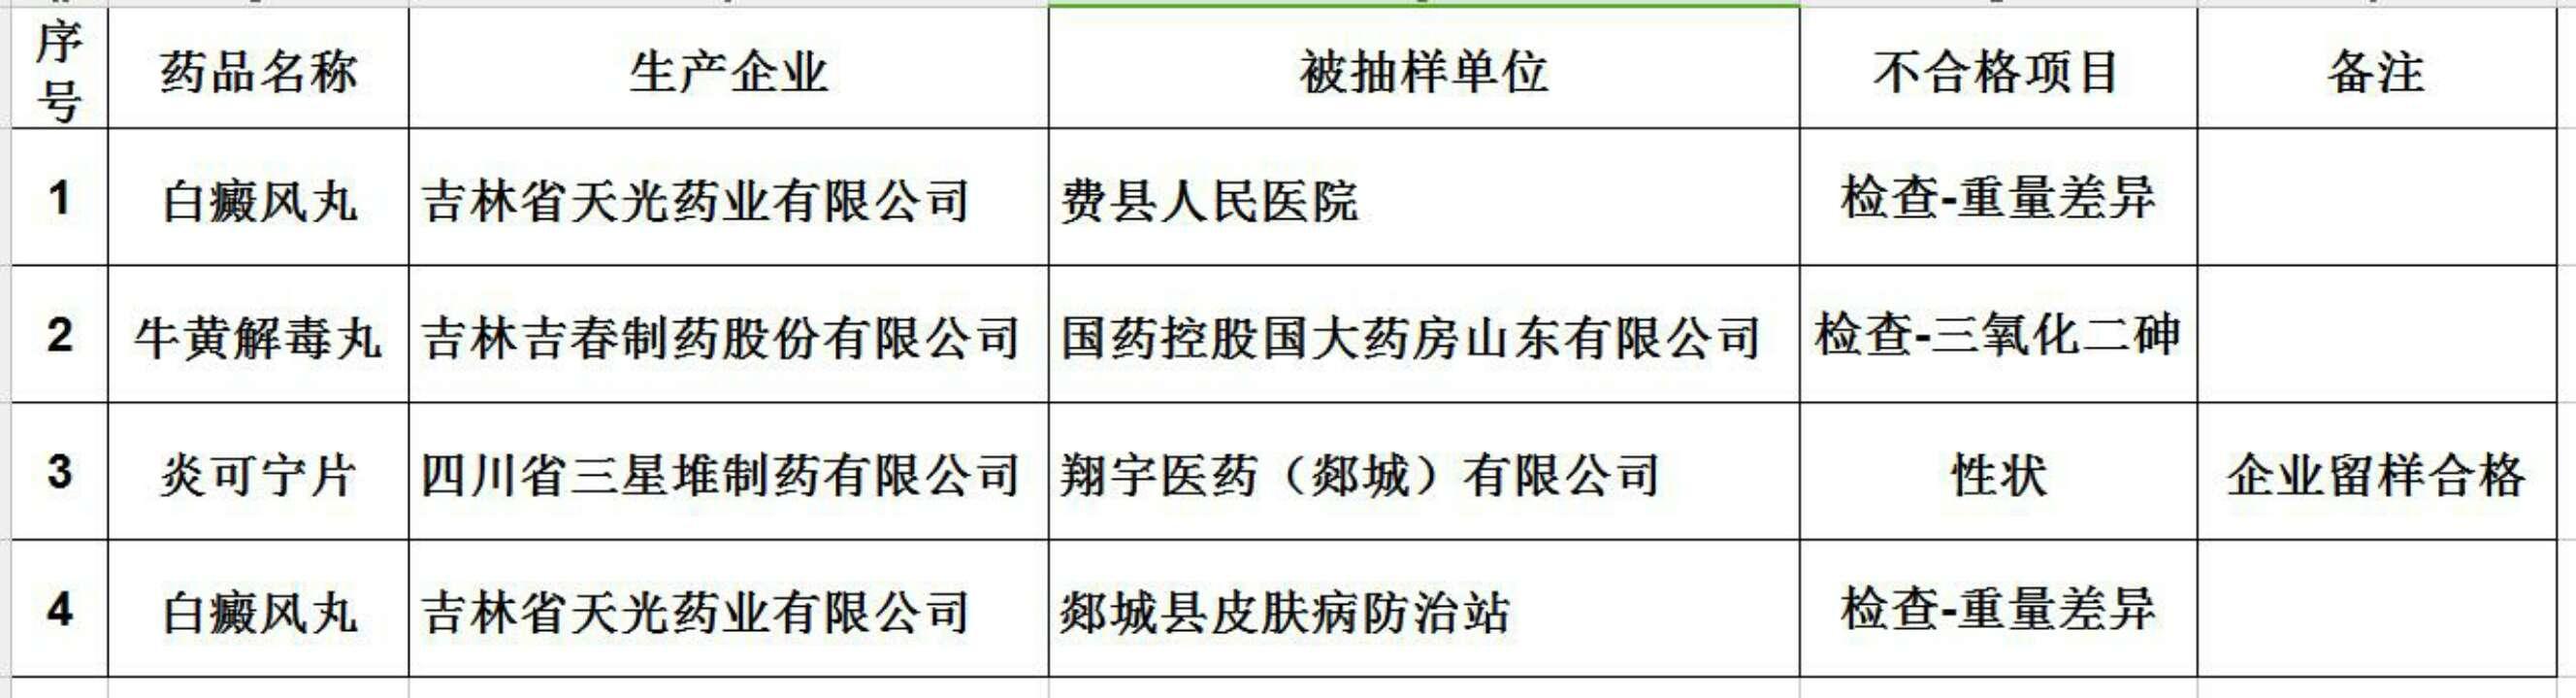 山东通报4批次不合格药品 吉林天光四川三星堆上榜